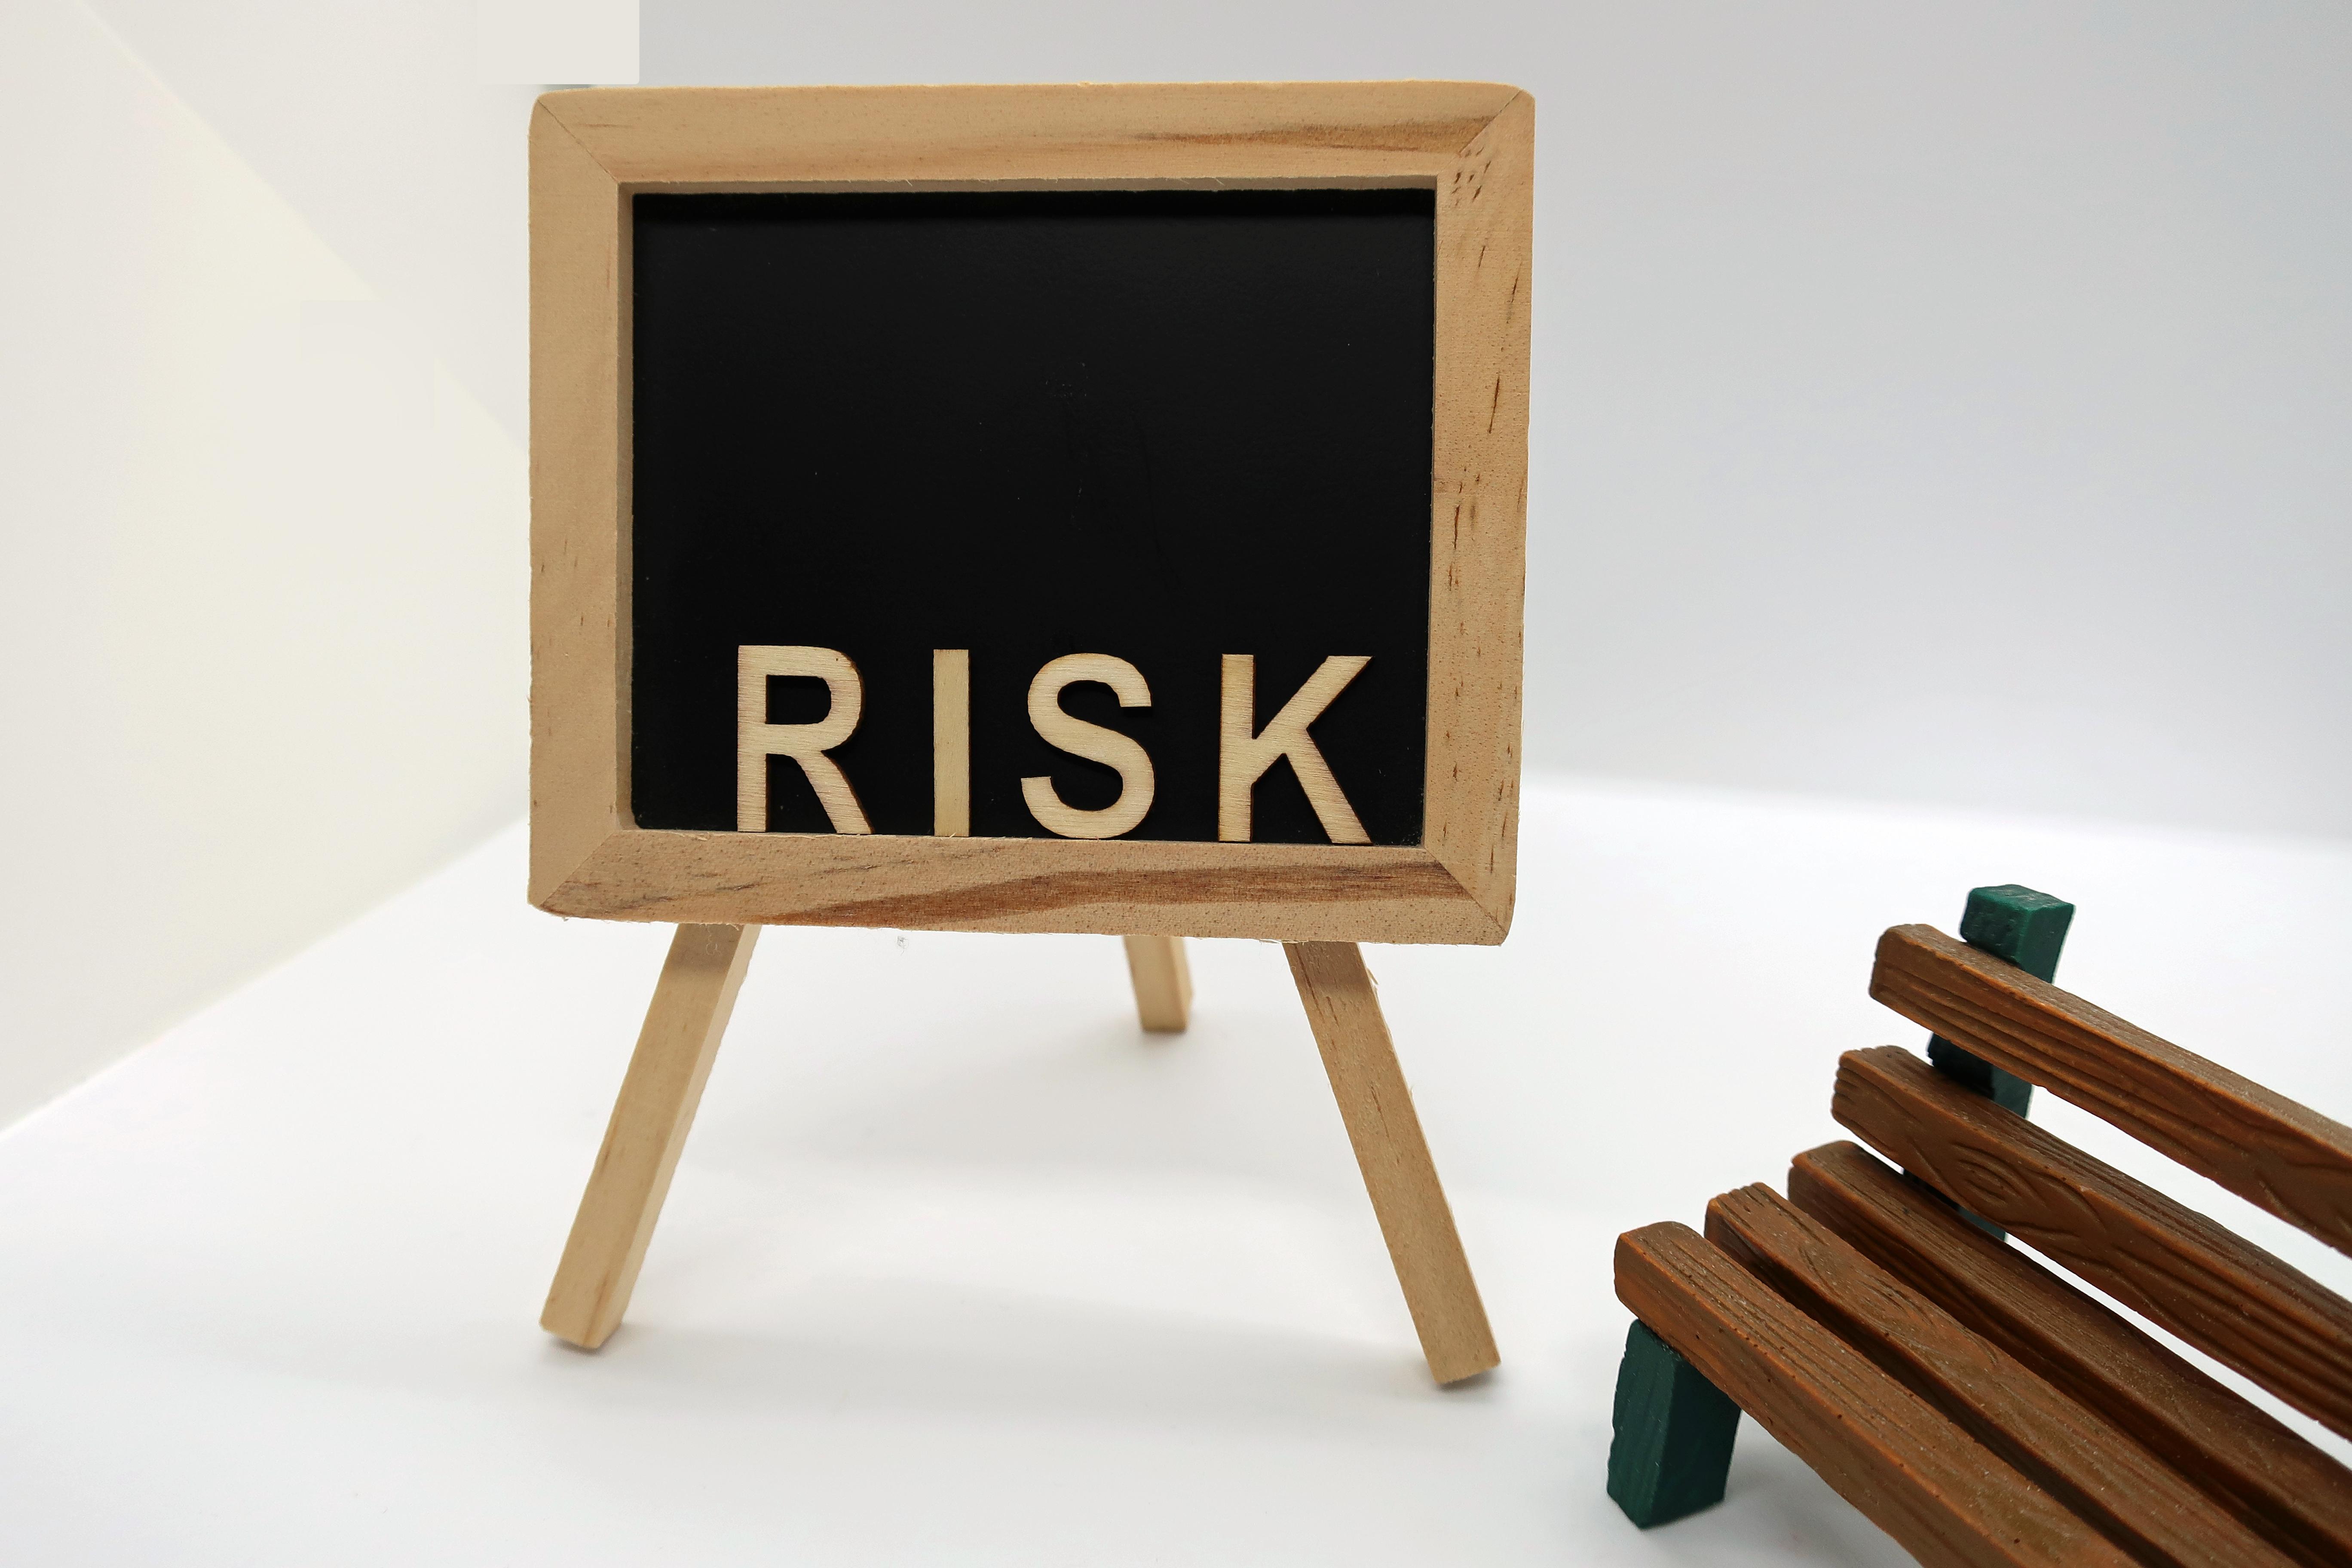 若い人はリスク許容度が高いって本当?ハイリスク・ハイリターンでいいの?